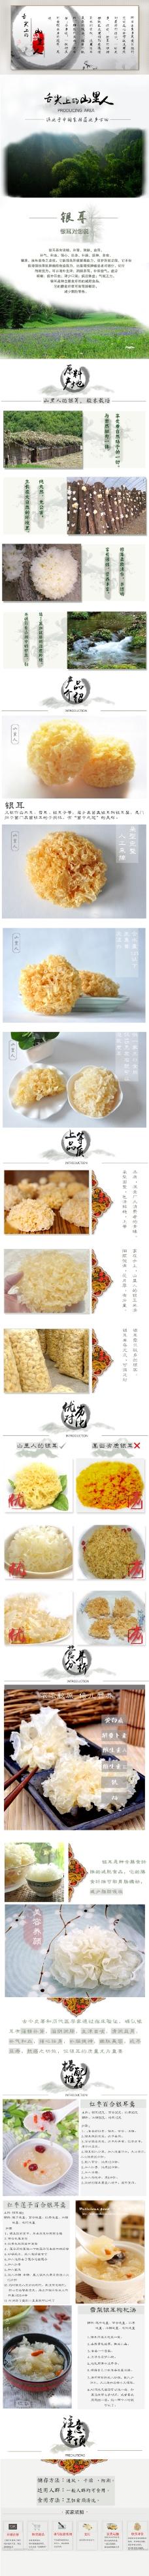 淘宝干货食品详情页设计